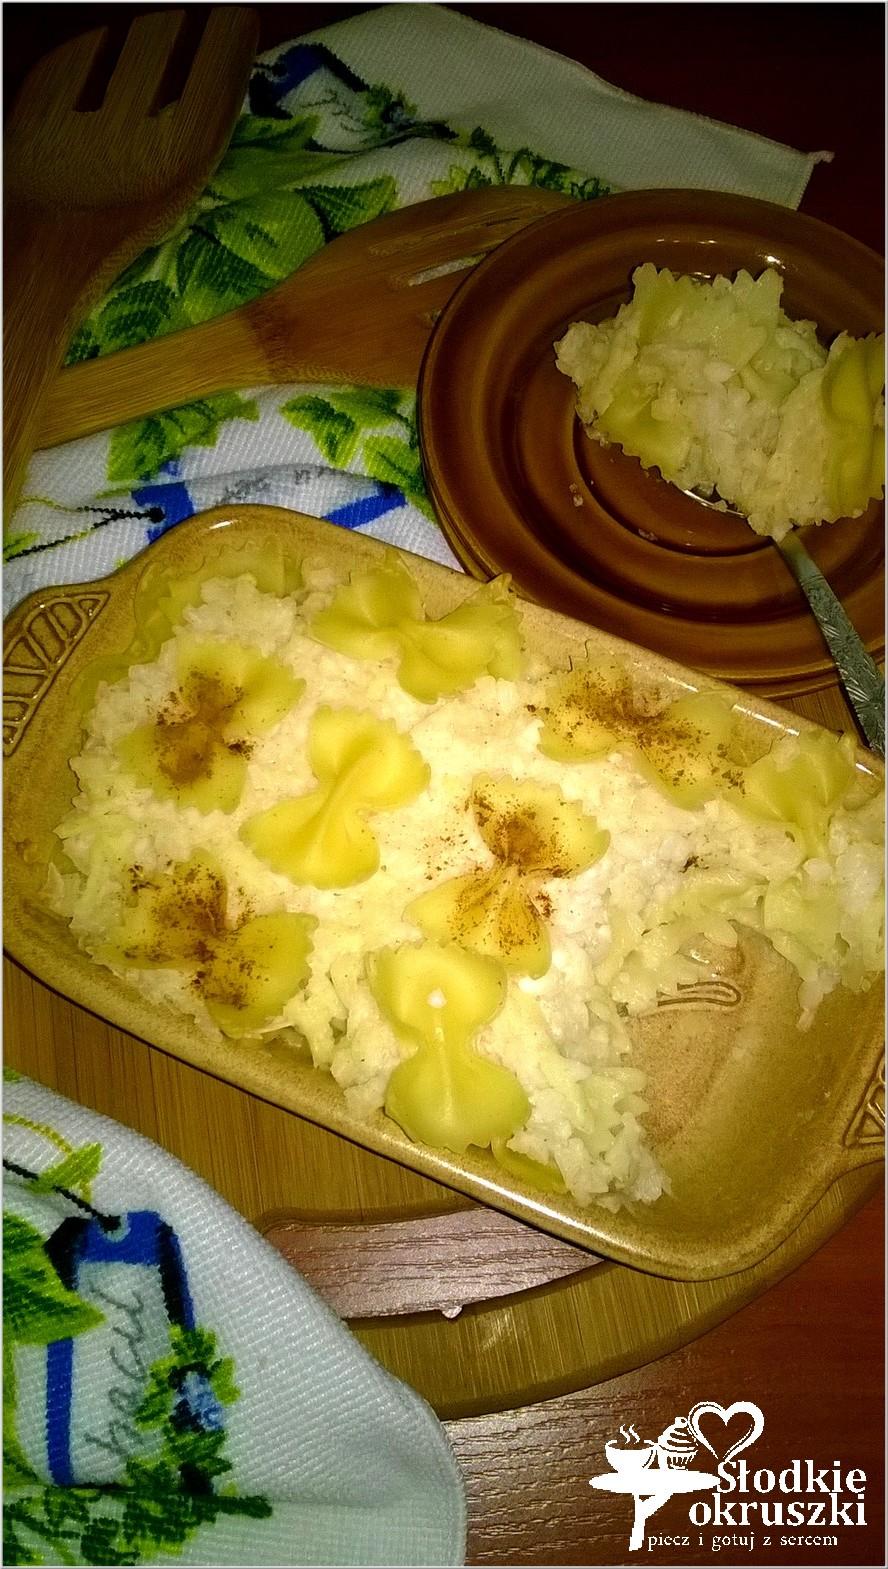 Zapiekane kokardki makaronowe z jabłkiem, ryżem i cynamonem.